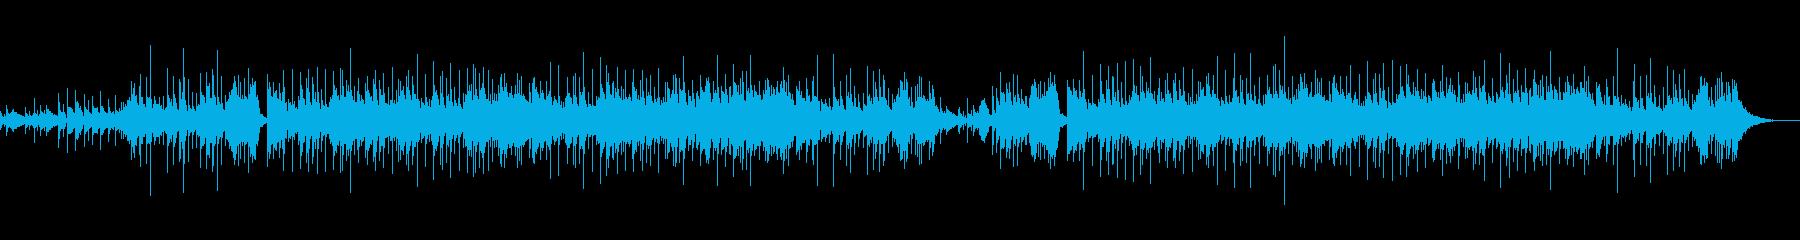 ☆生演奏のアコギメインのさわやかポップの再生済みの波形